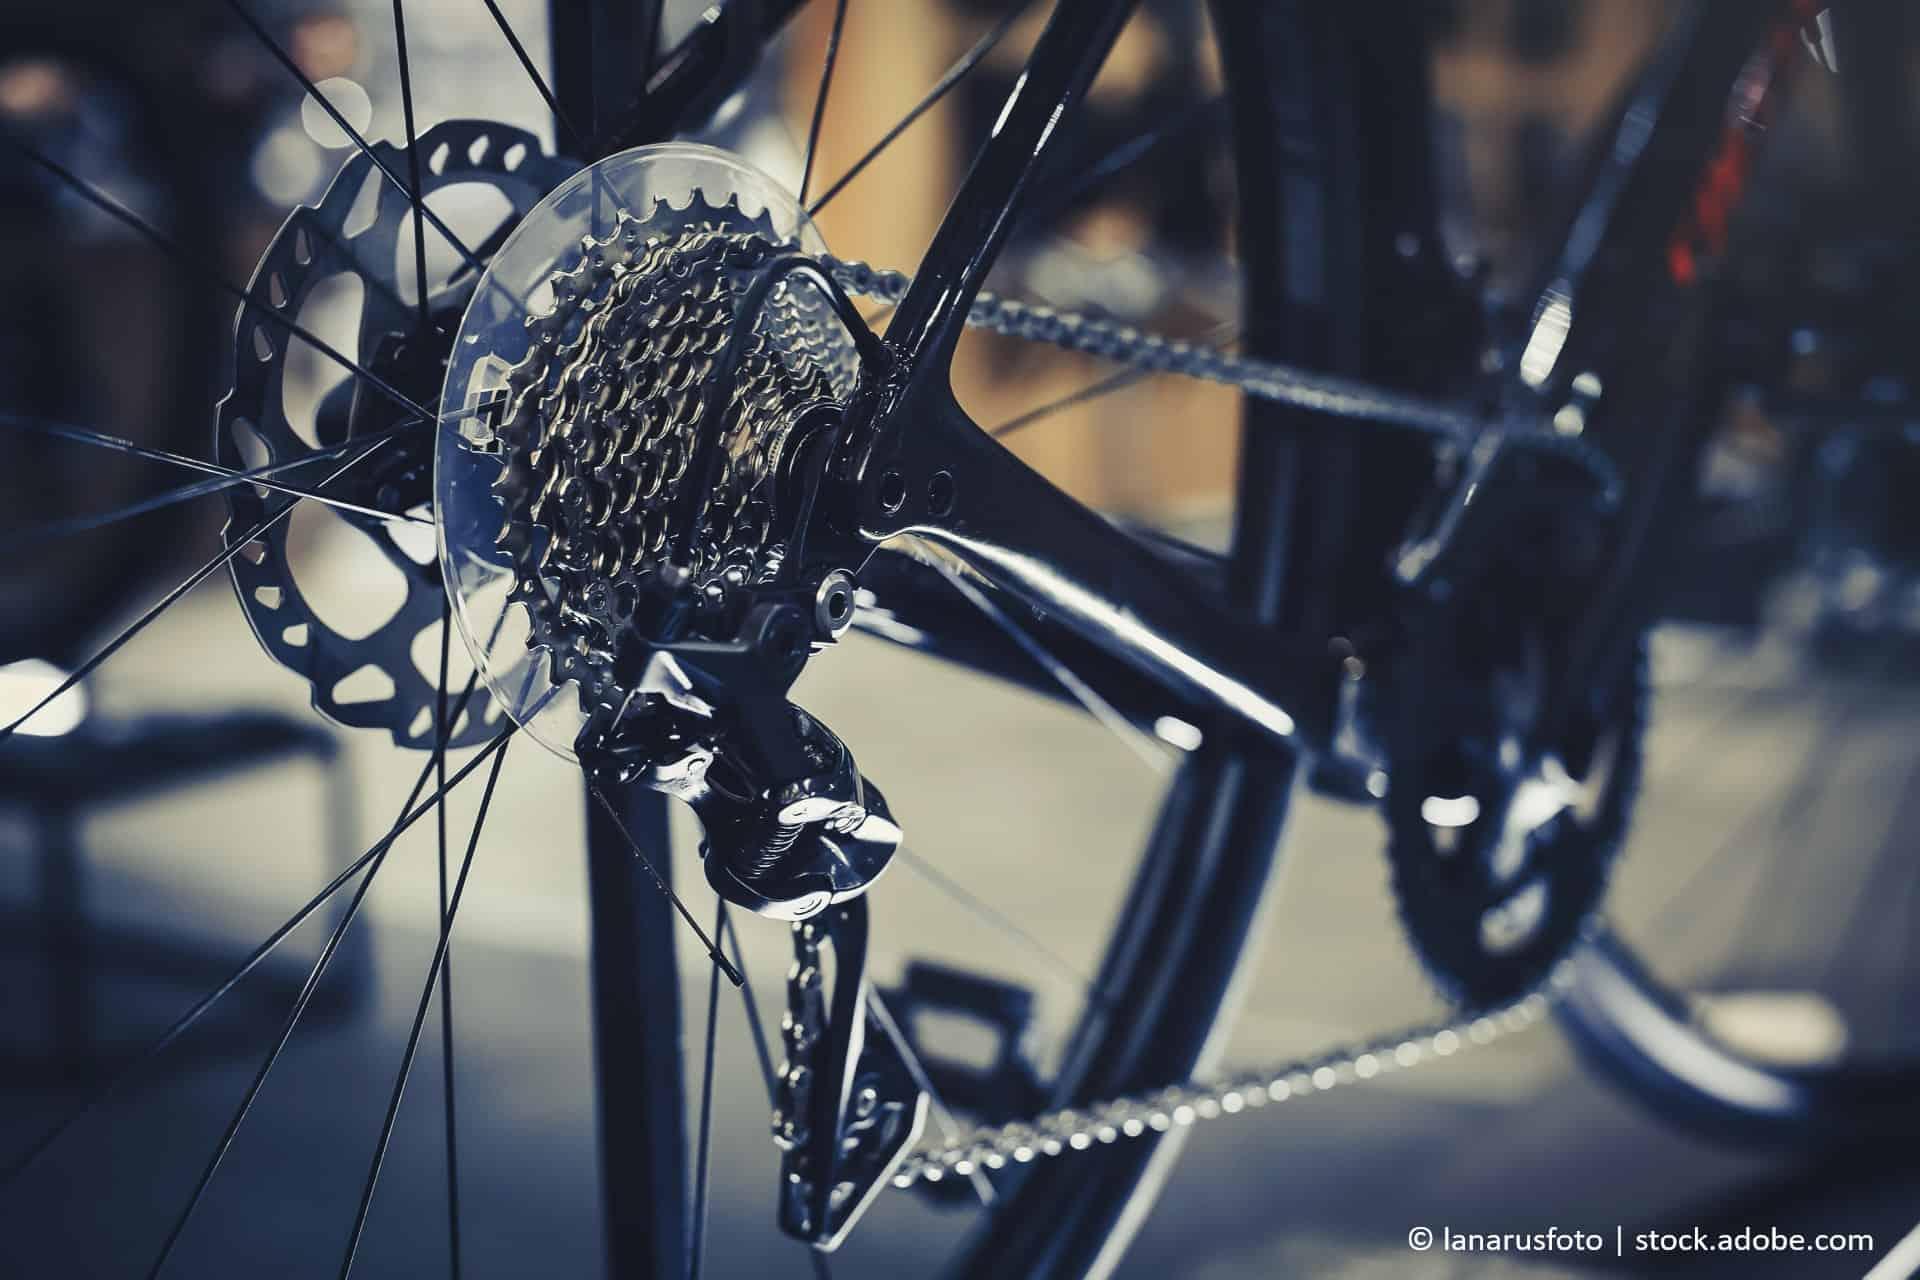 fahrradschaltung einstellen; Mountainbike Fahrradkette richtig reinigen